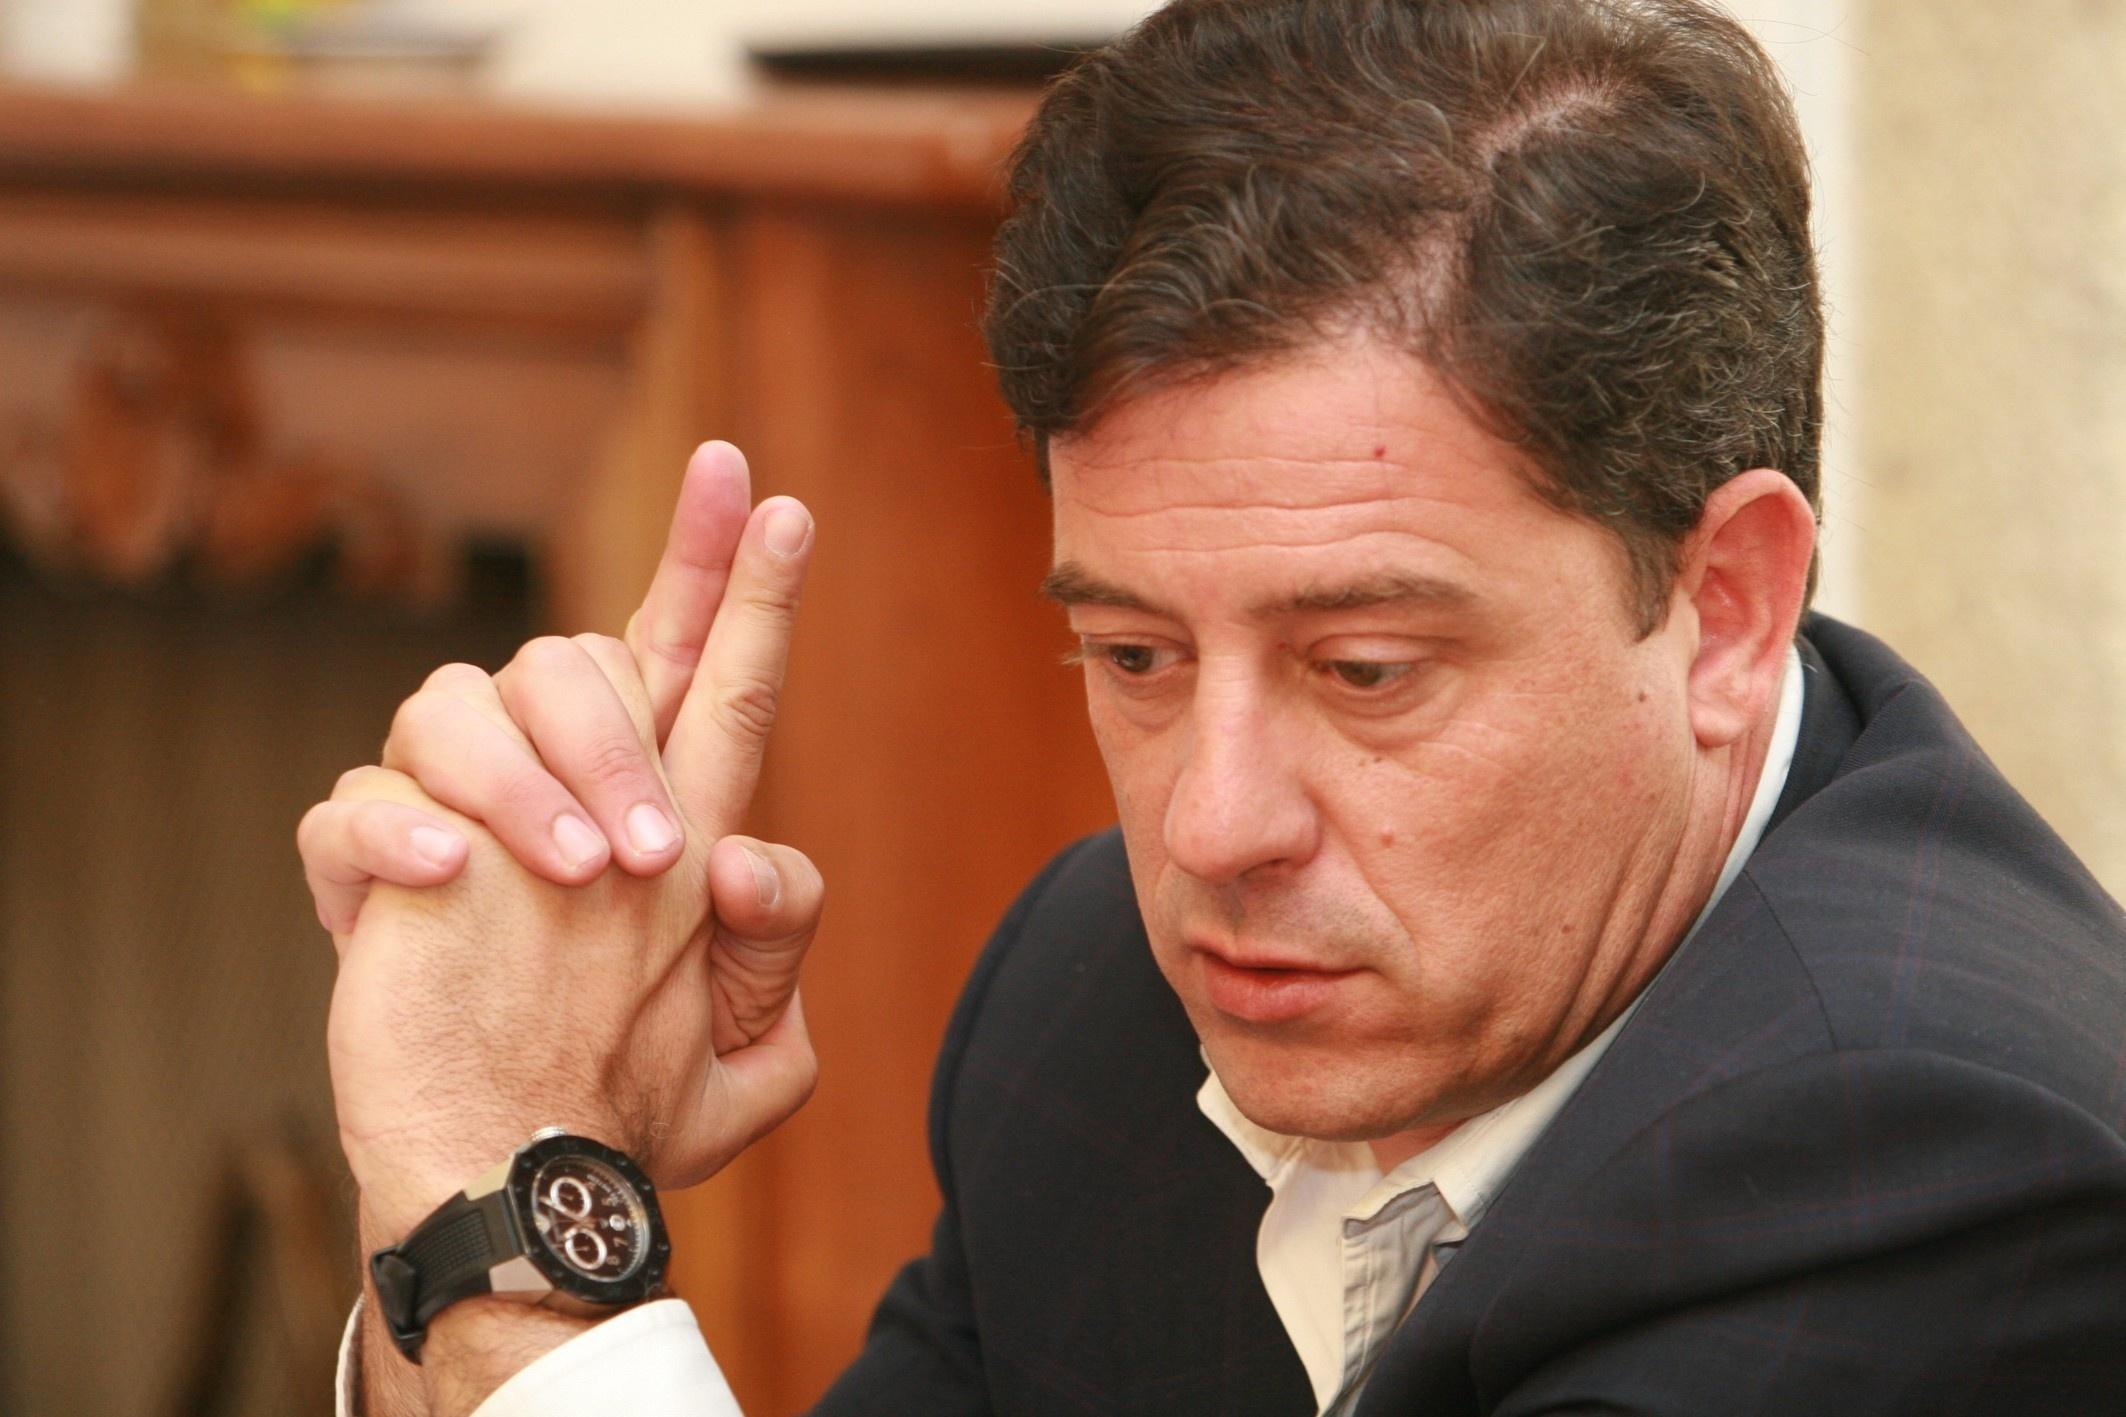 El presidente de la Diputación de Lugo pide a Ferrín que siga al frente de la RAG y destaca su «defensa» de la lengua